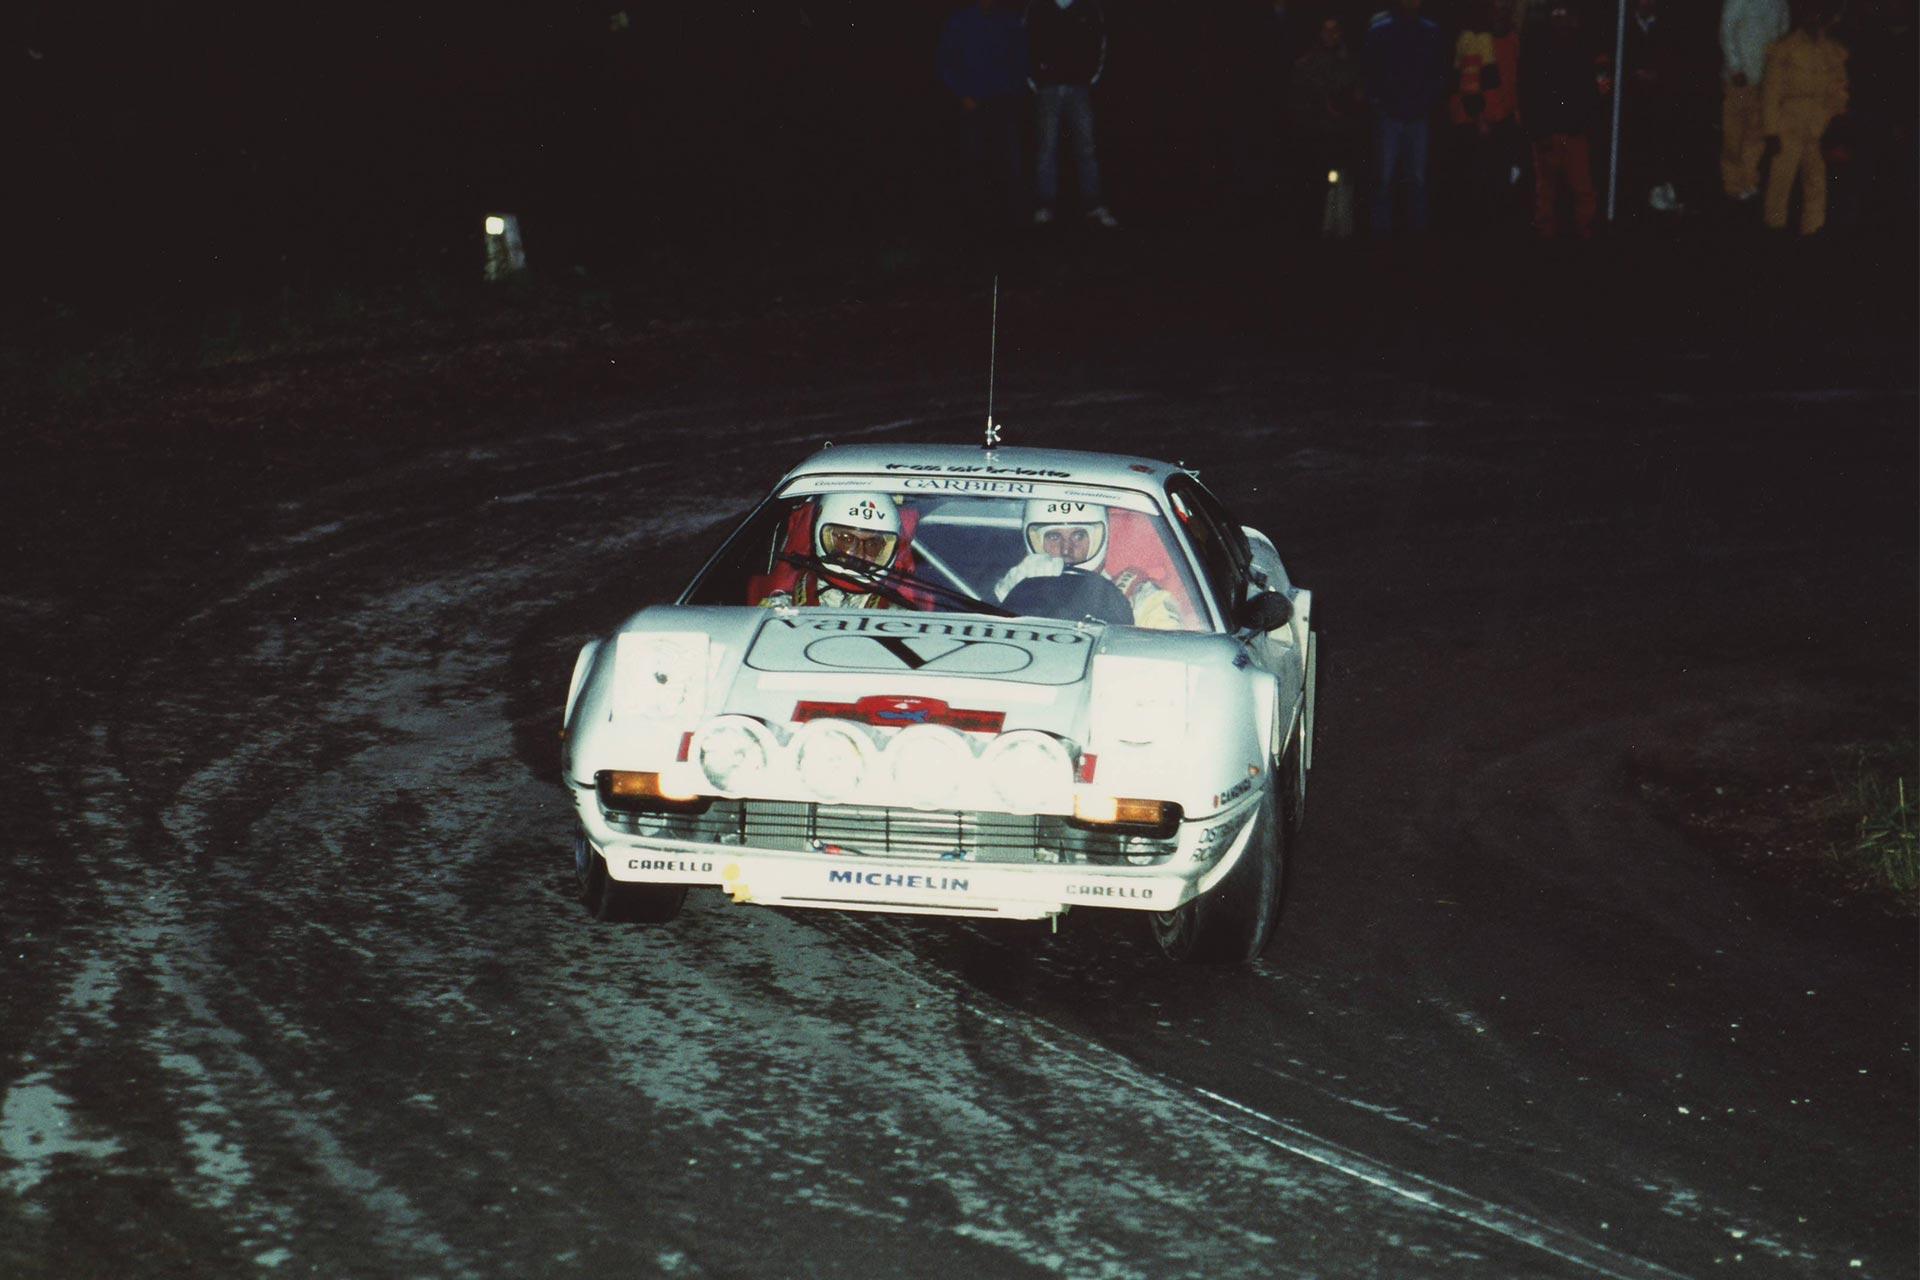 Ferrari-308-GTB-Michelotto-Group-B-for-sale-21